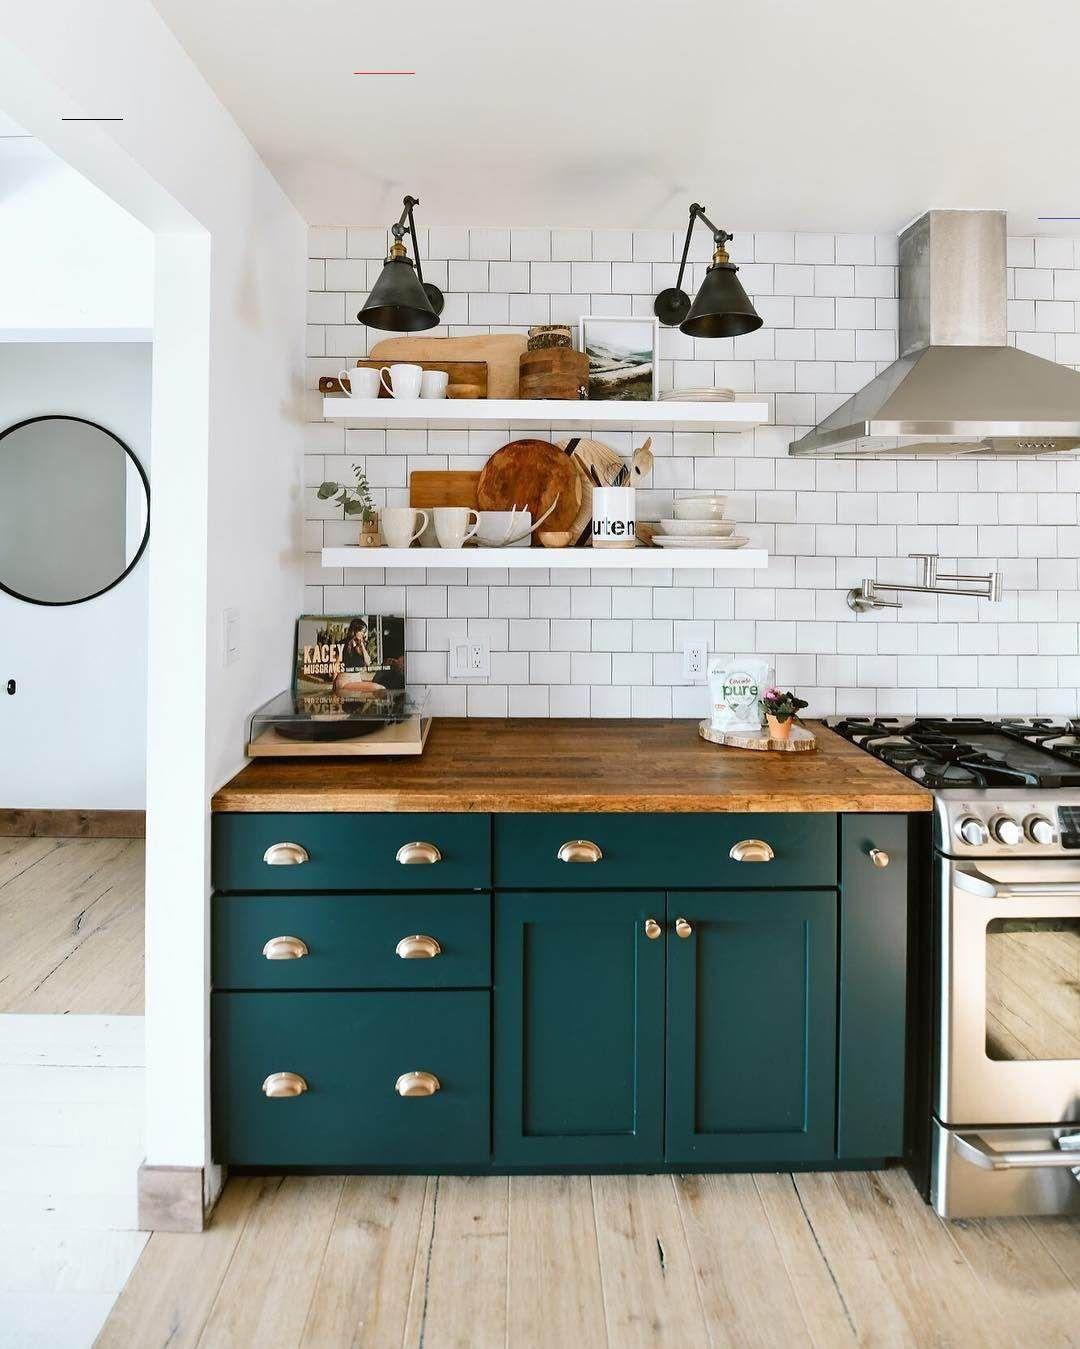 free kitchen design software #contemporary kitchen design